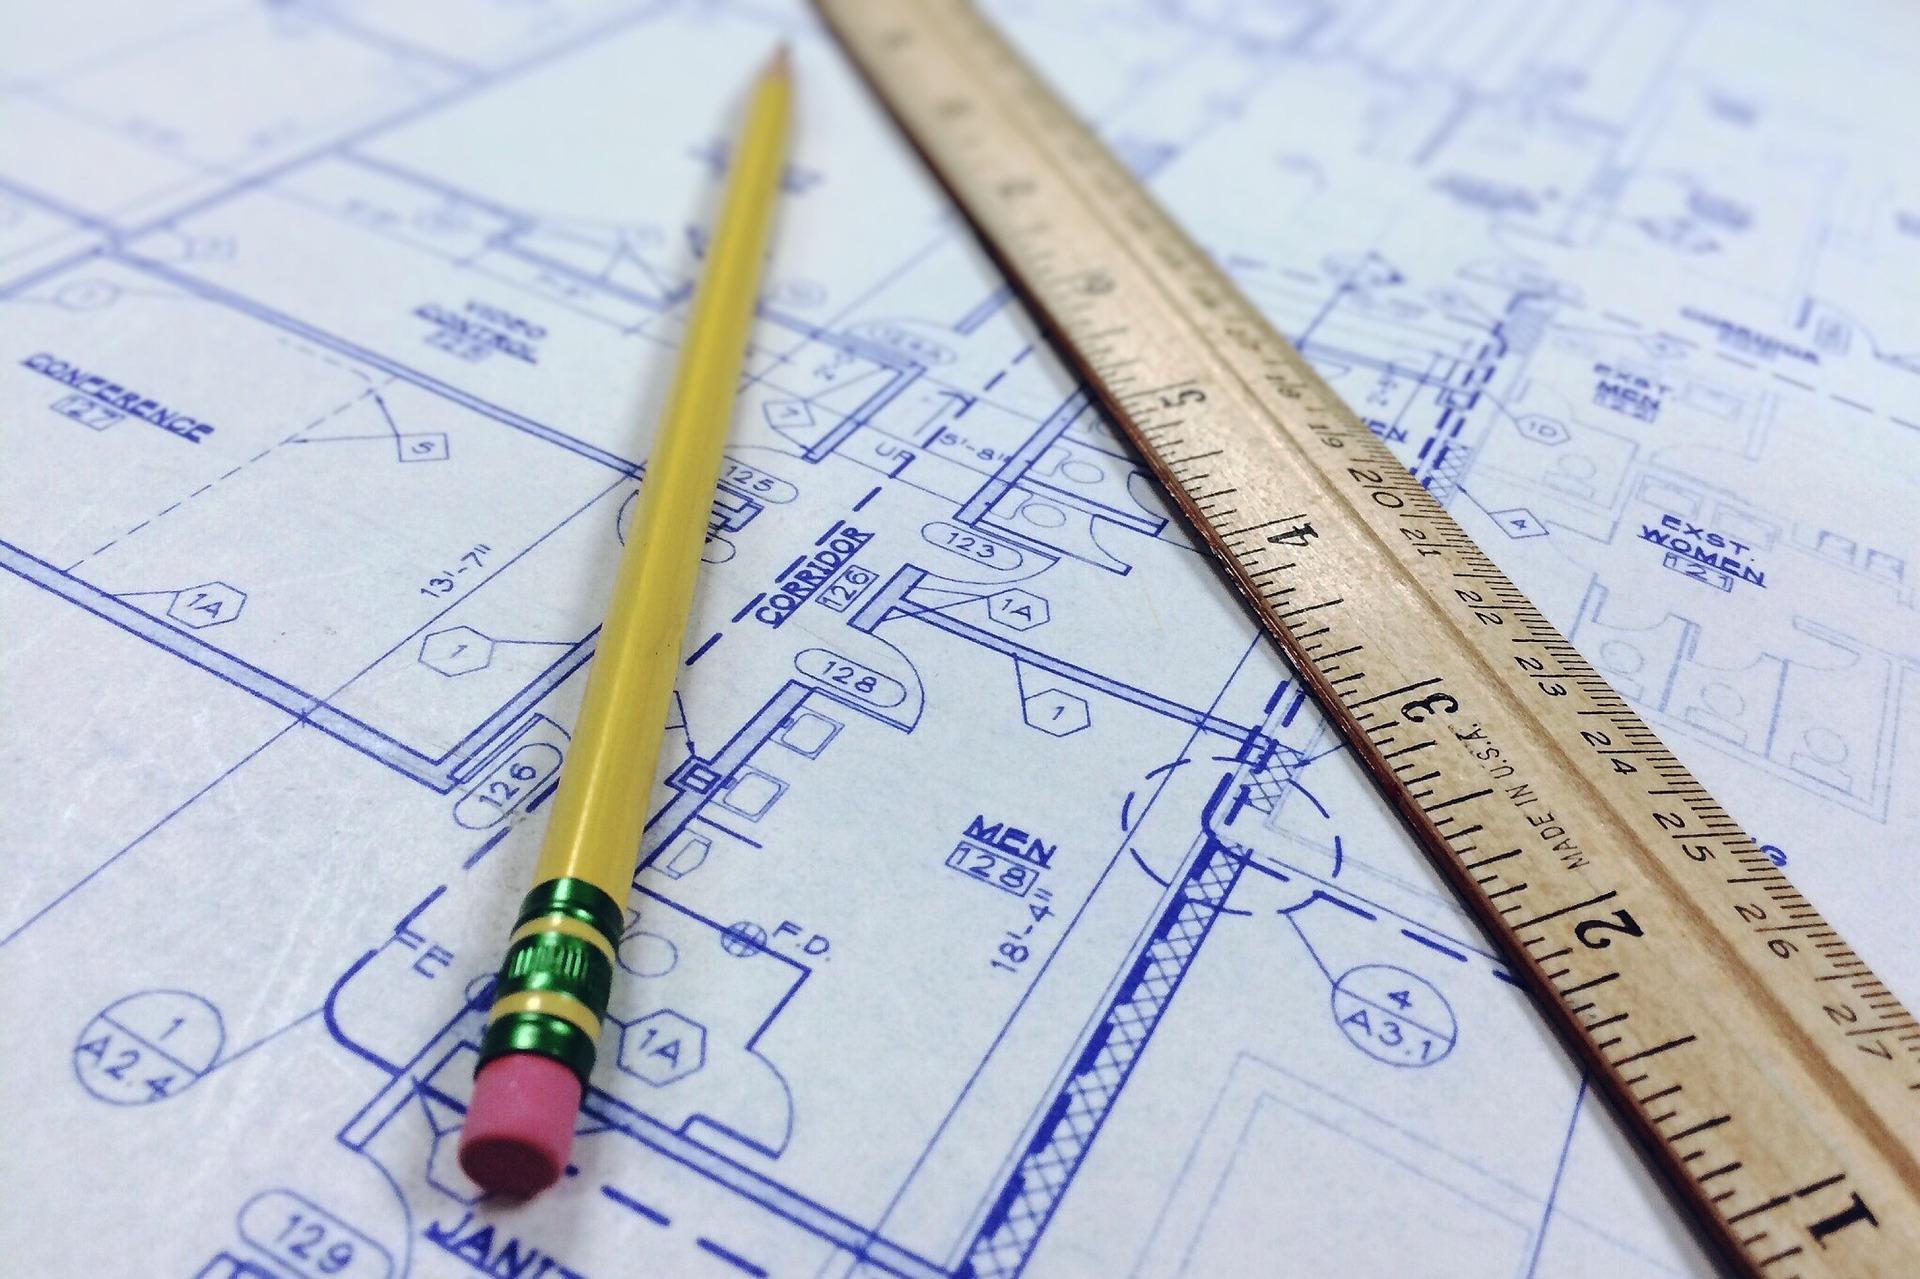 Mit Strukturierter Innovation Schnell Und Zielsicher Produkte Entwickeln